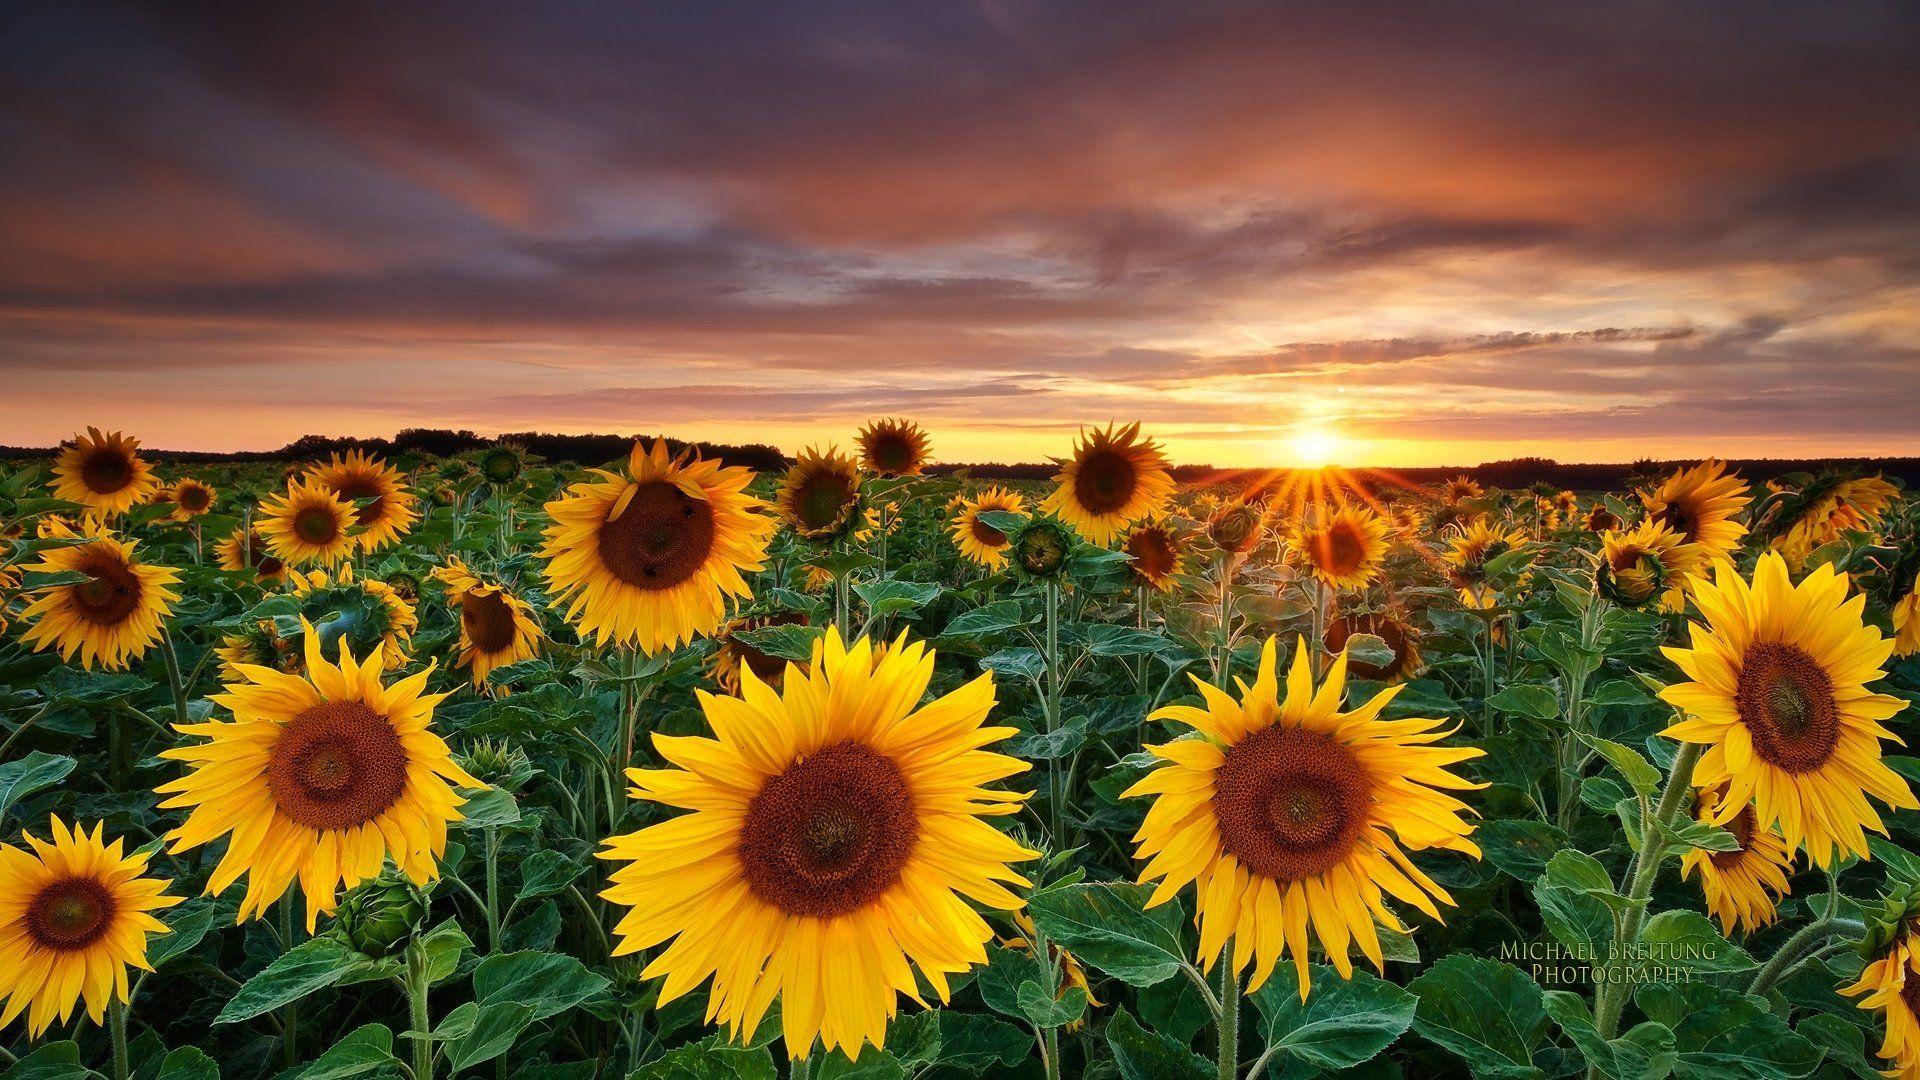 Beautiful Sunflower Desktop Wallpaper